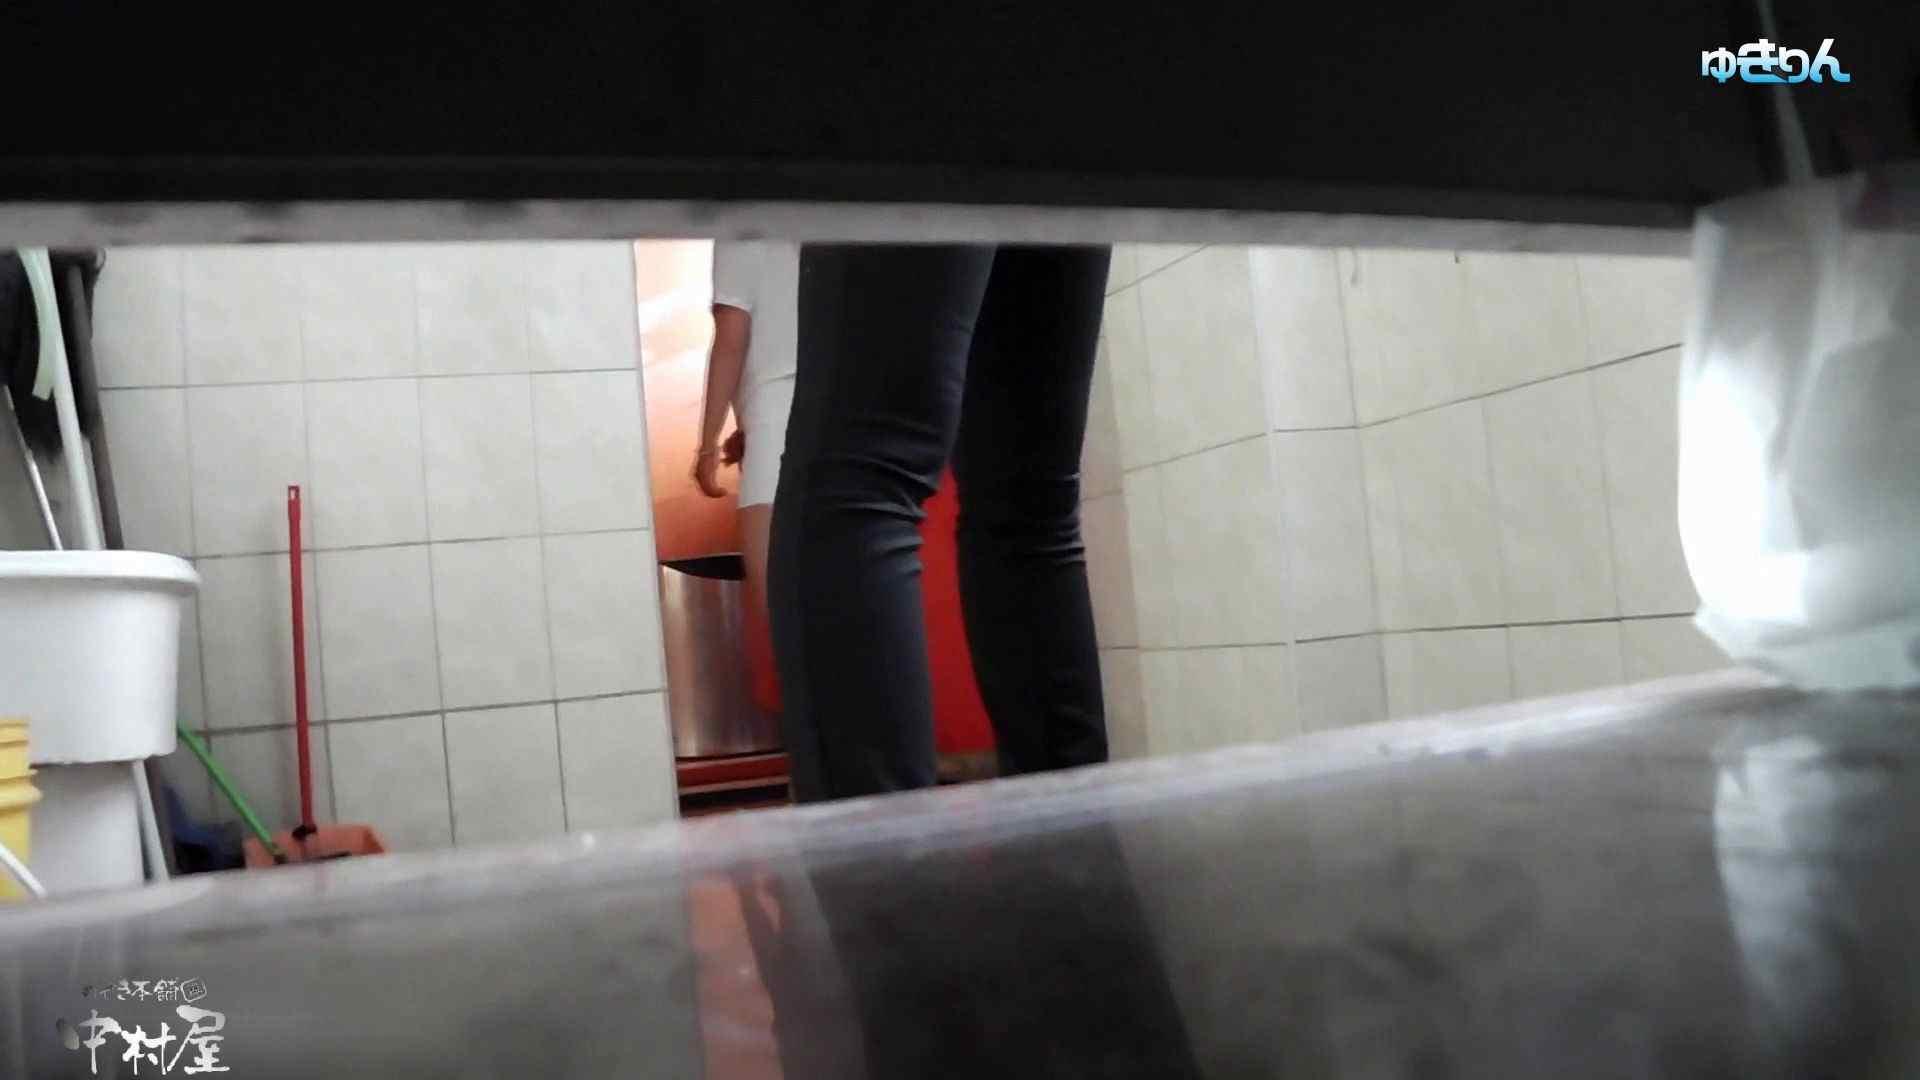 世界の射窓から~ステーション編 vol60 ユキリン粘着撮り!!今回はタイトなパンツが似合う美女 美女まとめ   0  113PIX 83